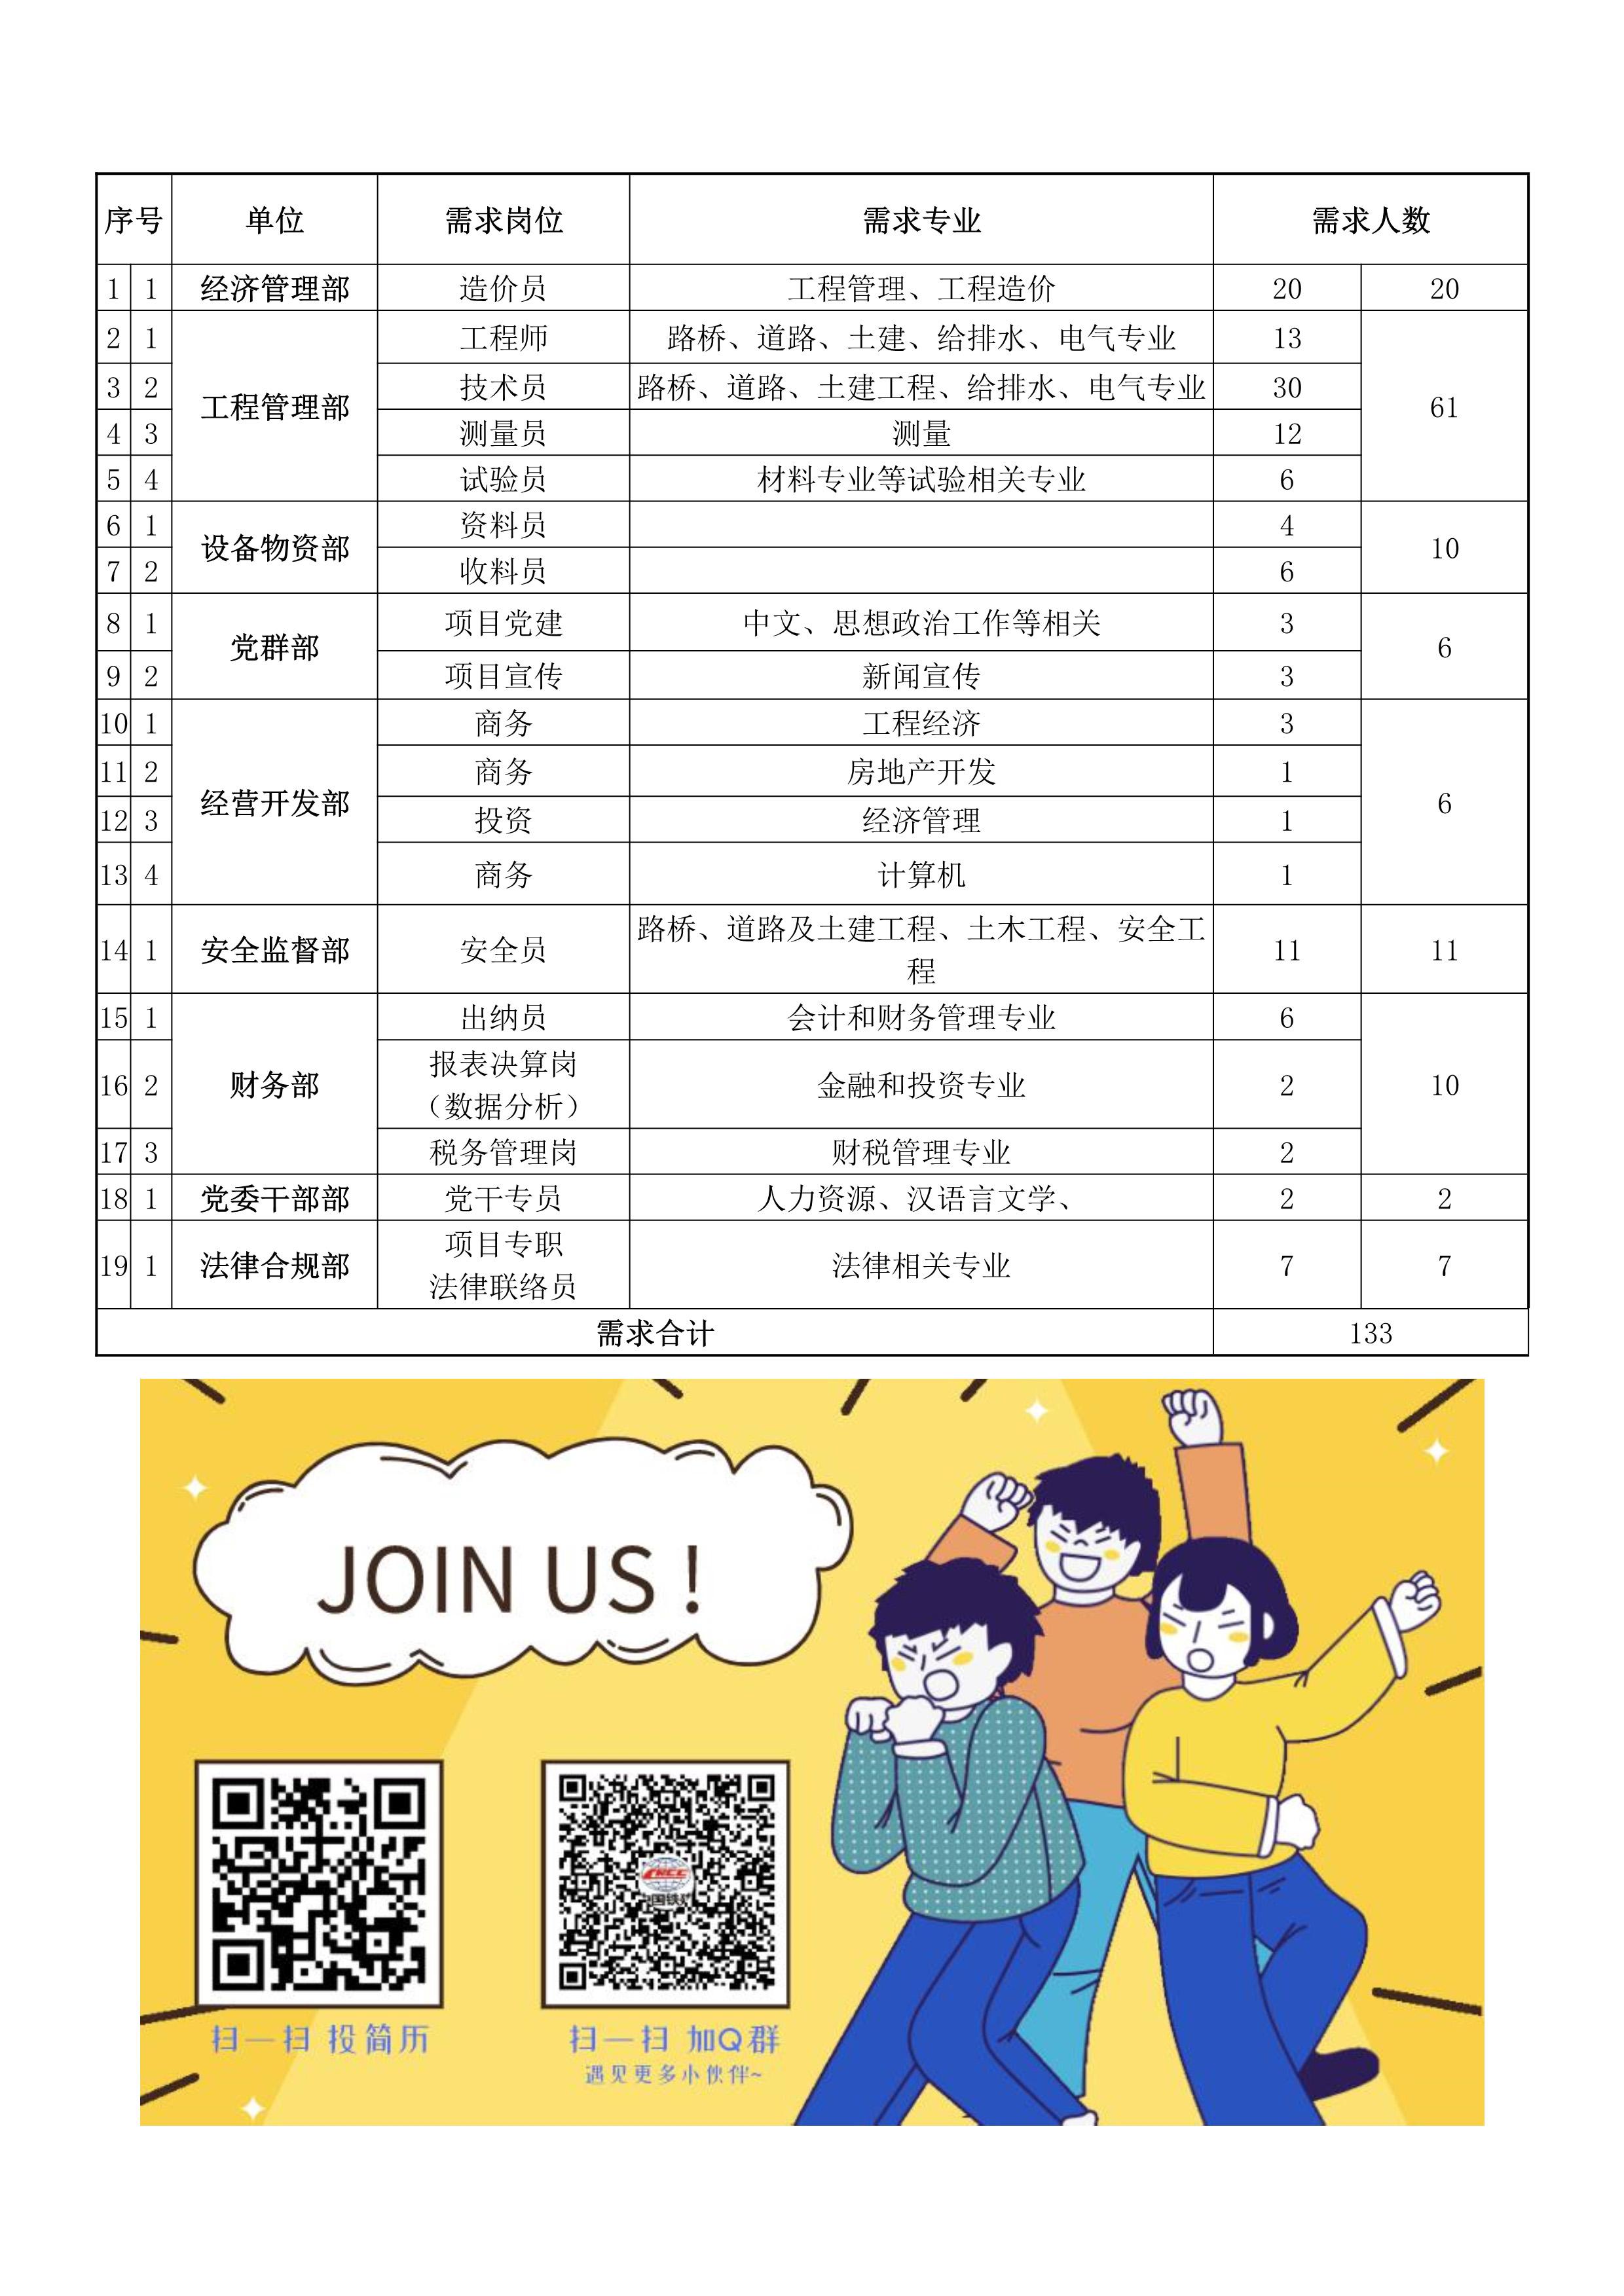 中铁二十二局集团有限公司市政工程有限公司招聘简章2021-6.jpg